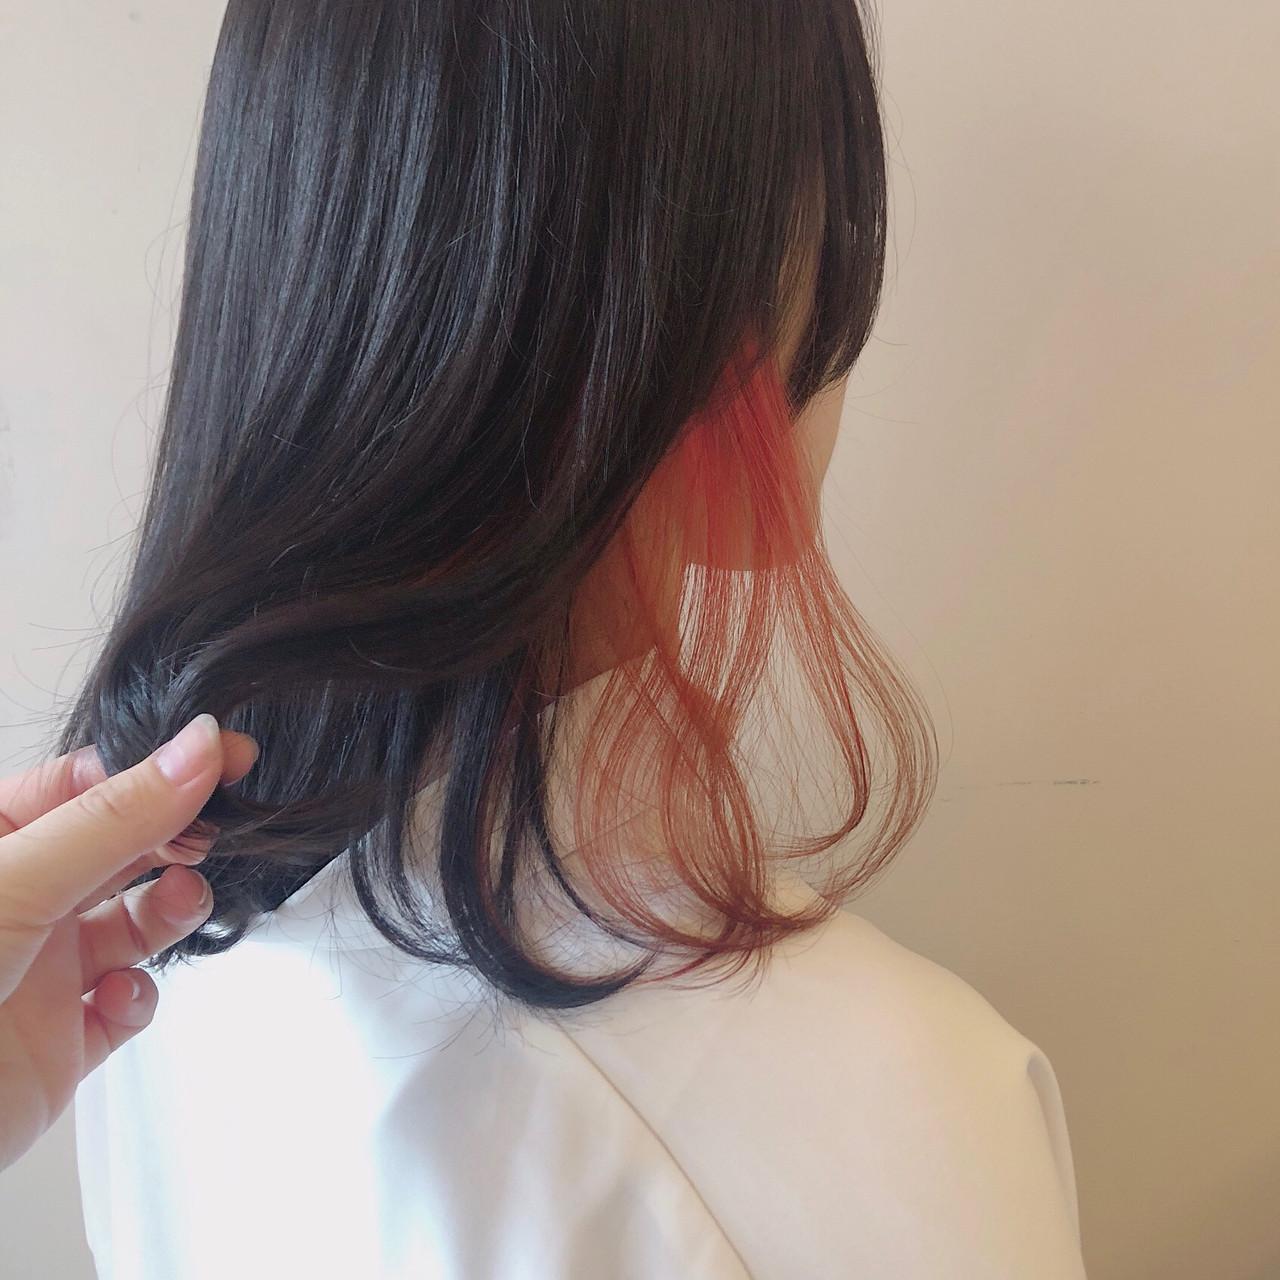 ボブ レッド インナーカラー ダブルカラー ヘアスタイルや髪型の写真・画像 | 多田 朱音 / JLB